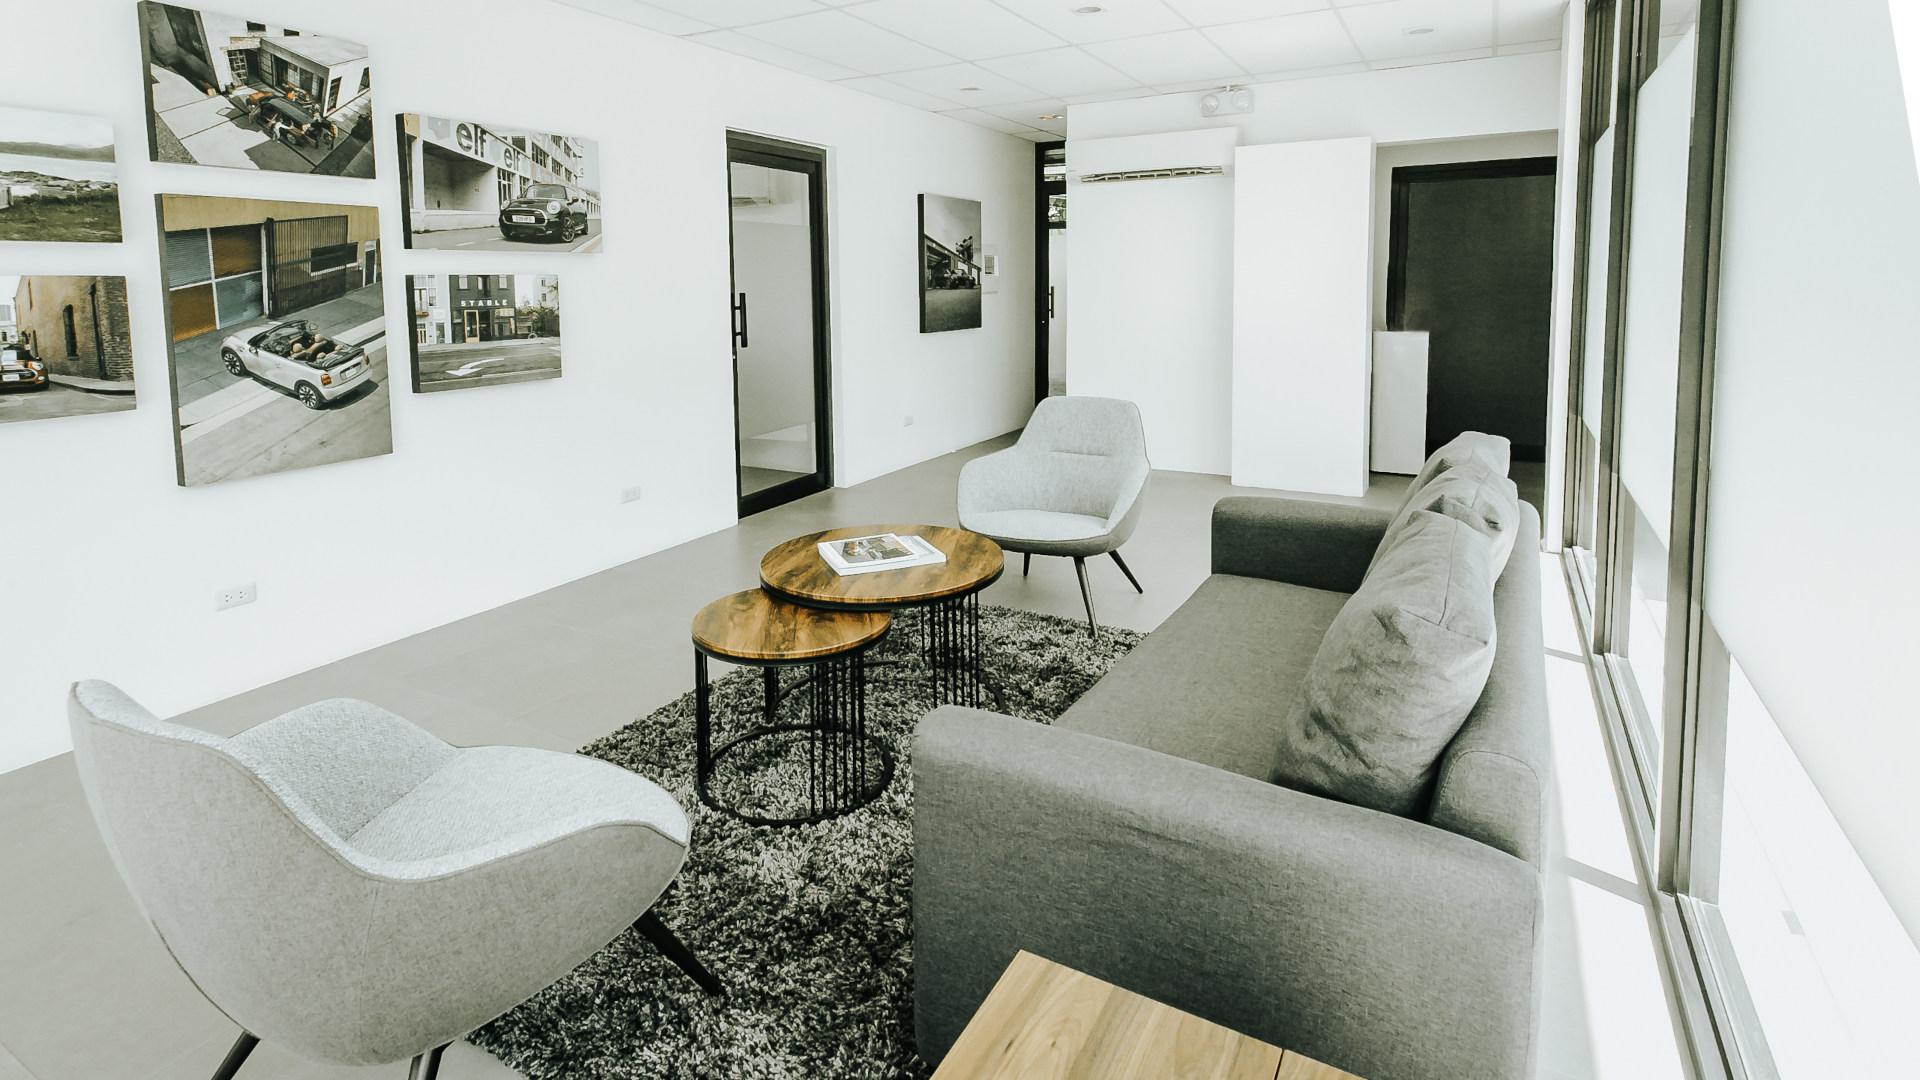 Lounge area in the Mini AutoStudio